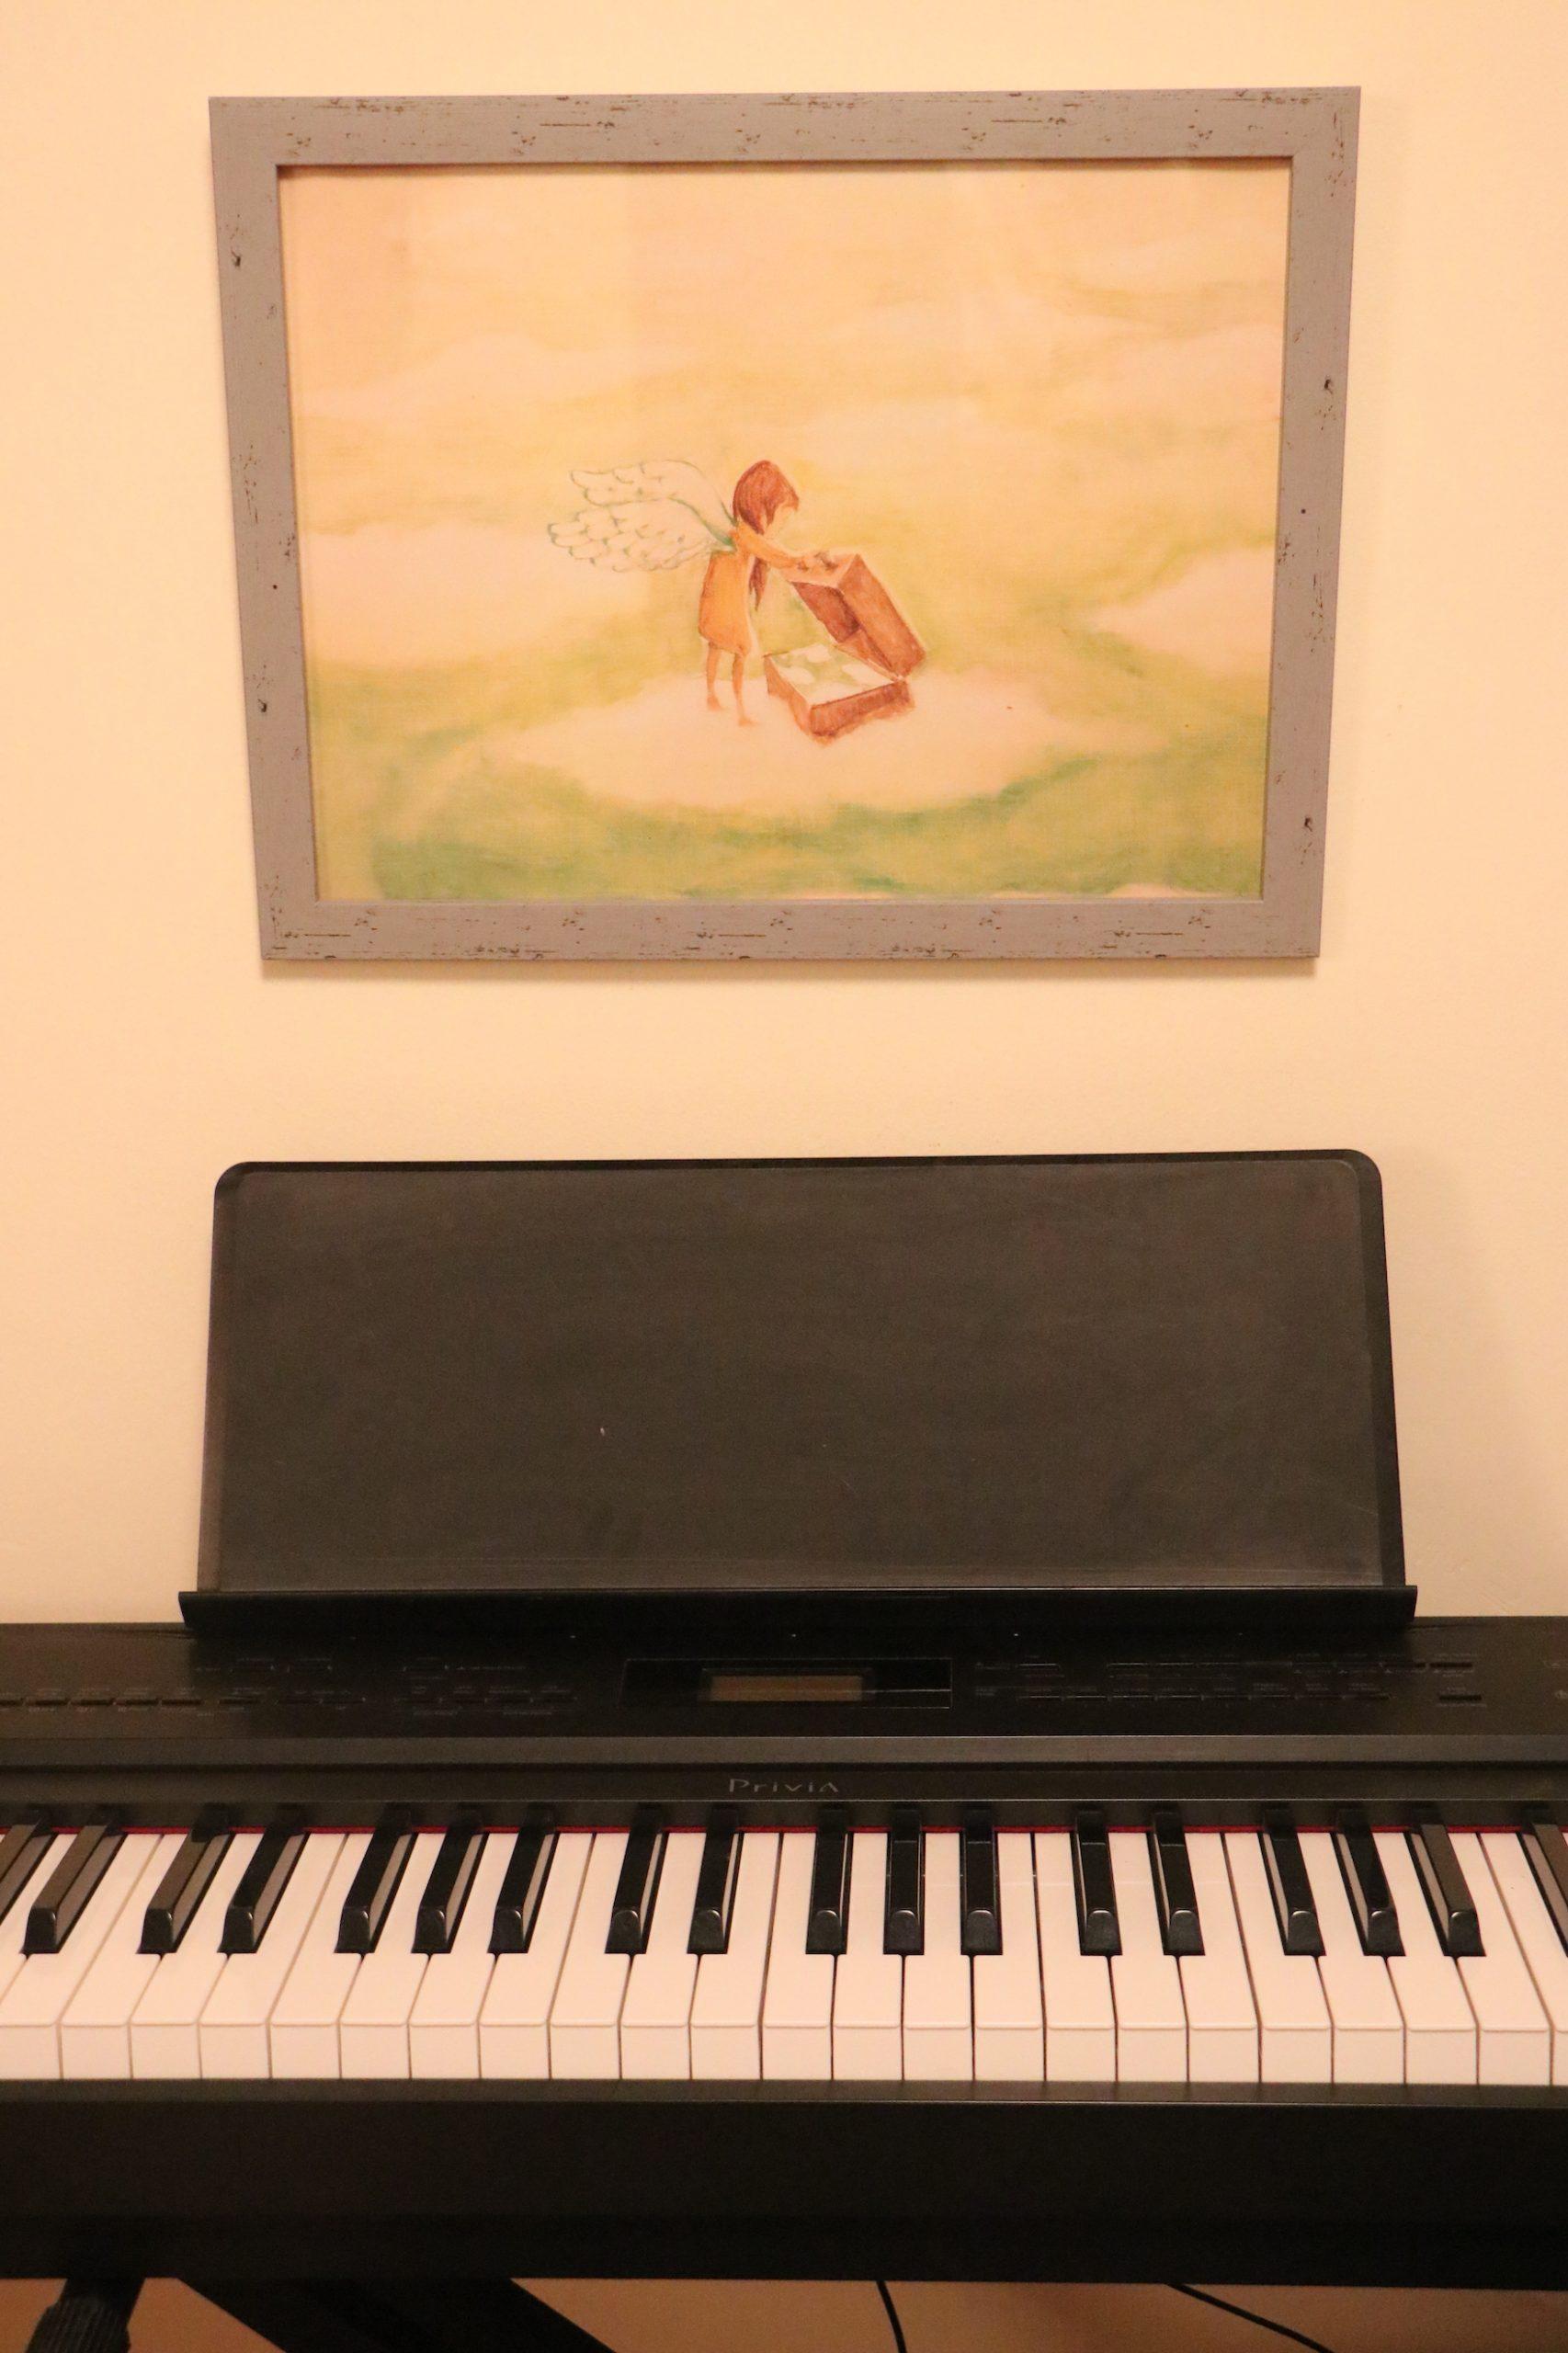 פסנתר פסנתרן מטפל טיפול מחונן מחוננים נפש רגש רגשי